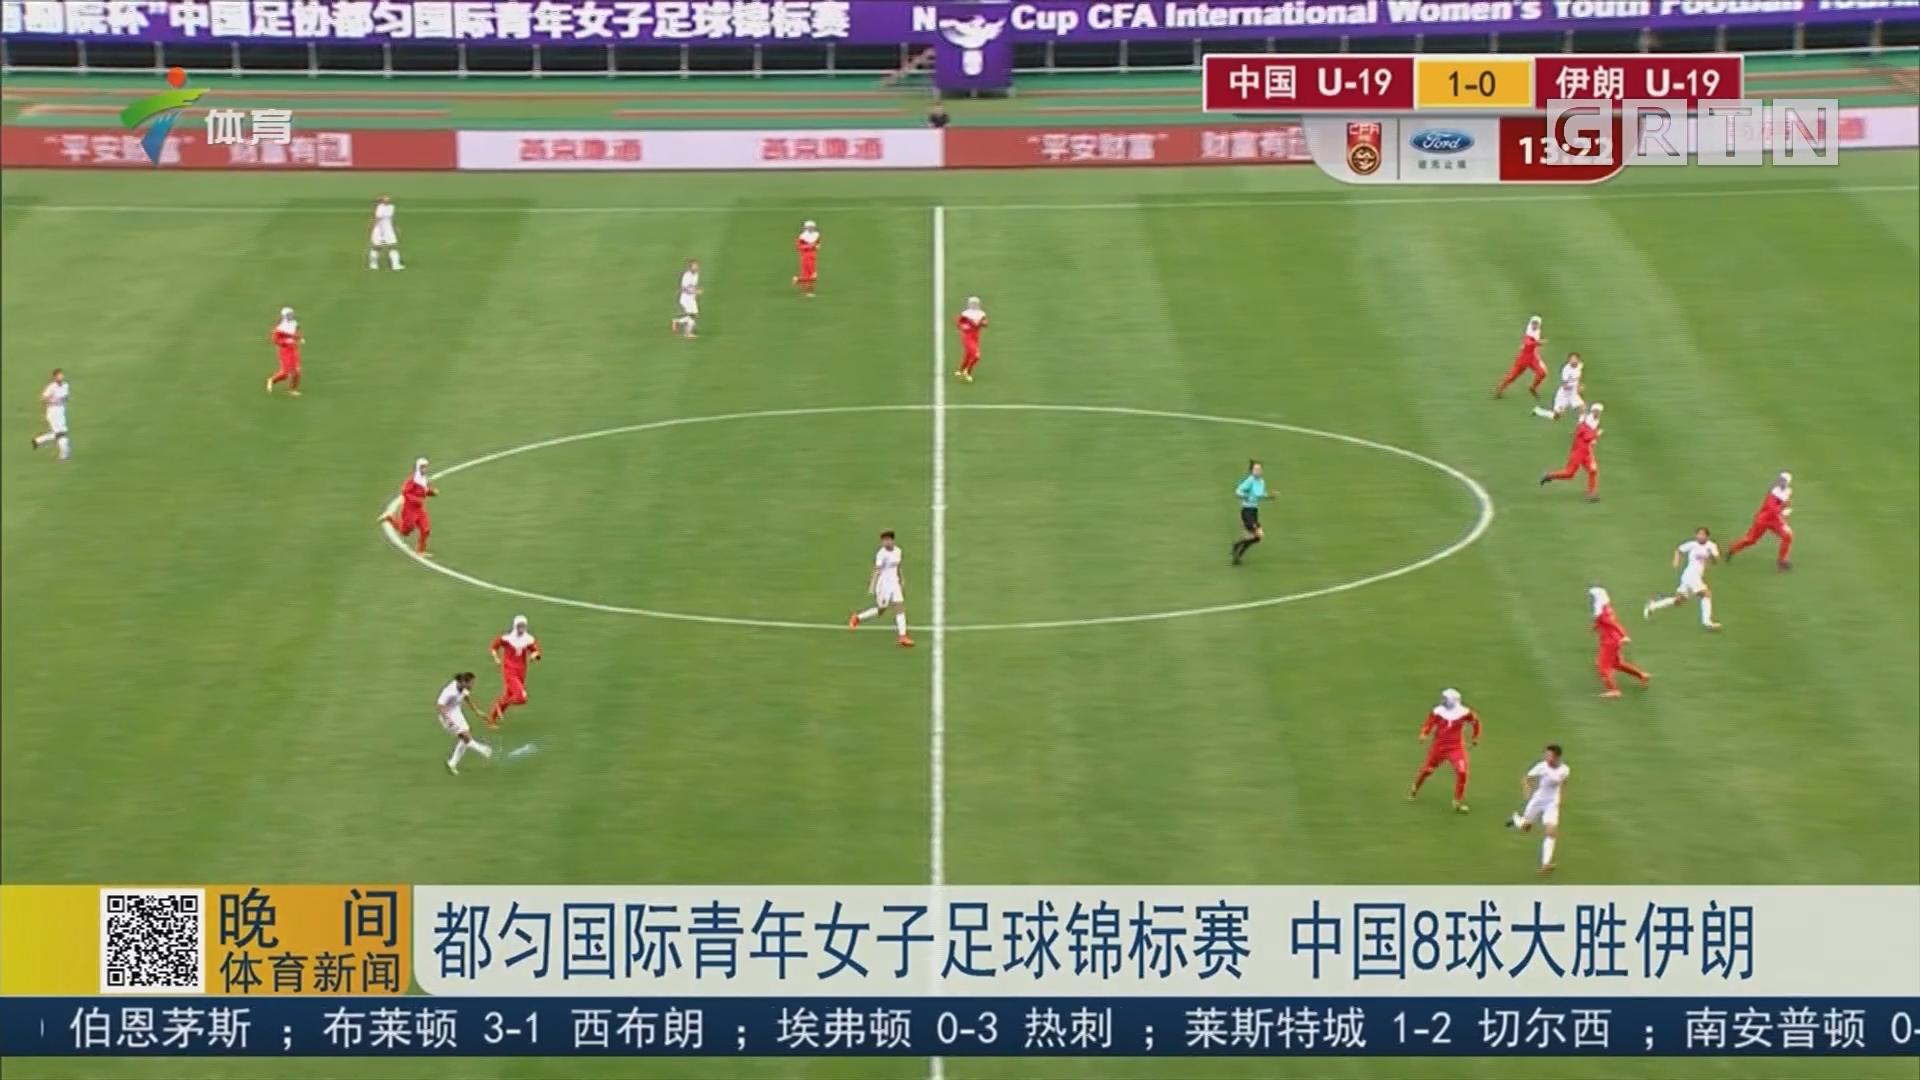 都匀国际青年女子足球锦标赛 中国8球大胜伊朗